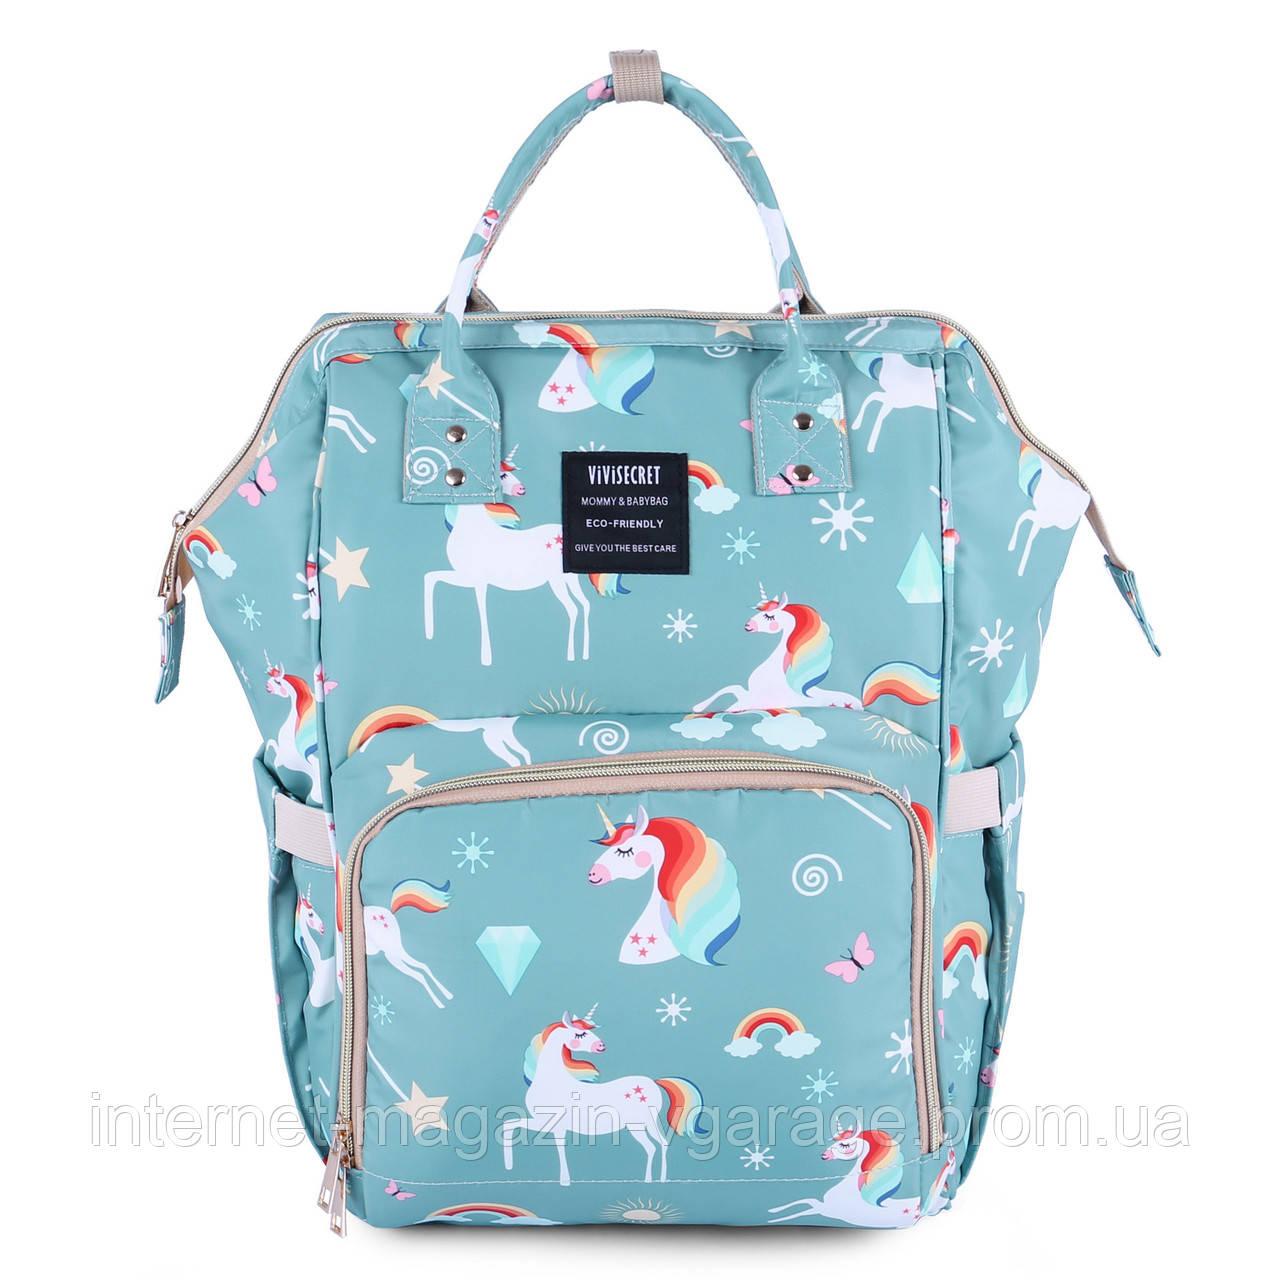 Сумка - рюкзак для мамы Радужный единорог ViViSECRET